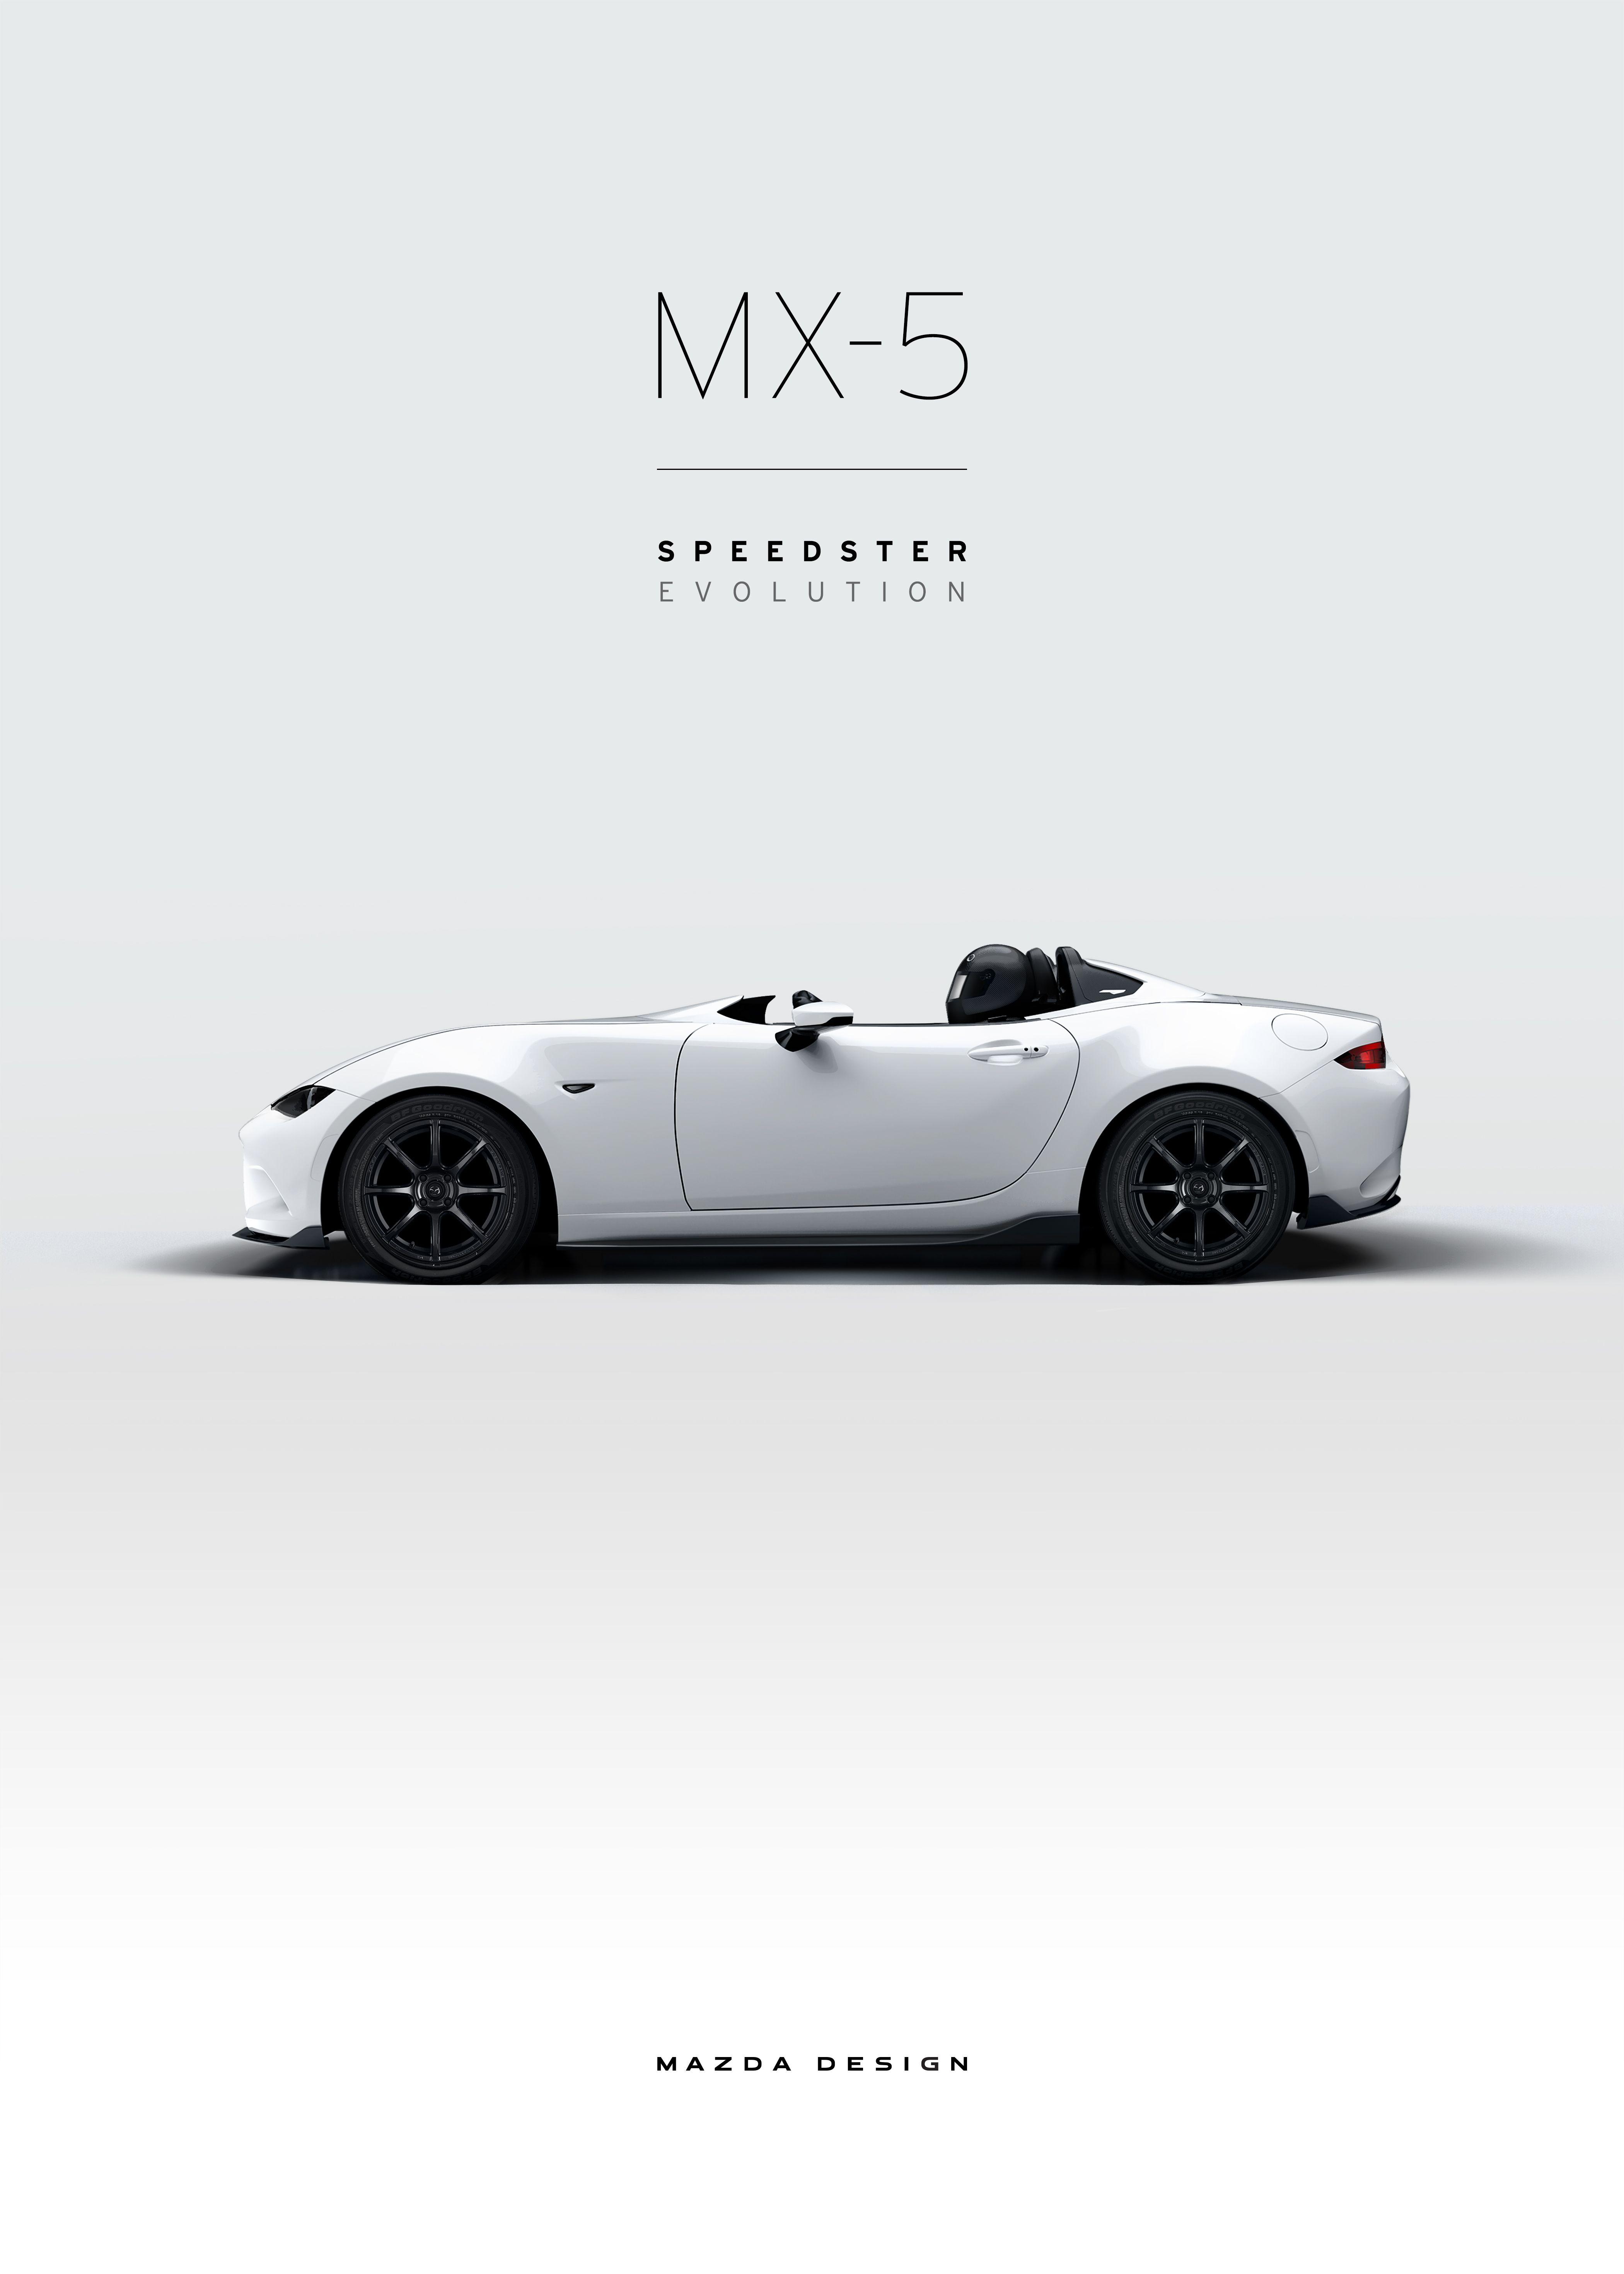 2016 mazda mx 5 miata accessories concept debuts in chicago mazda pinterest mazda mx mazda and cars